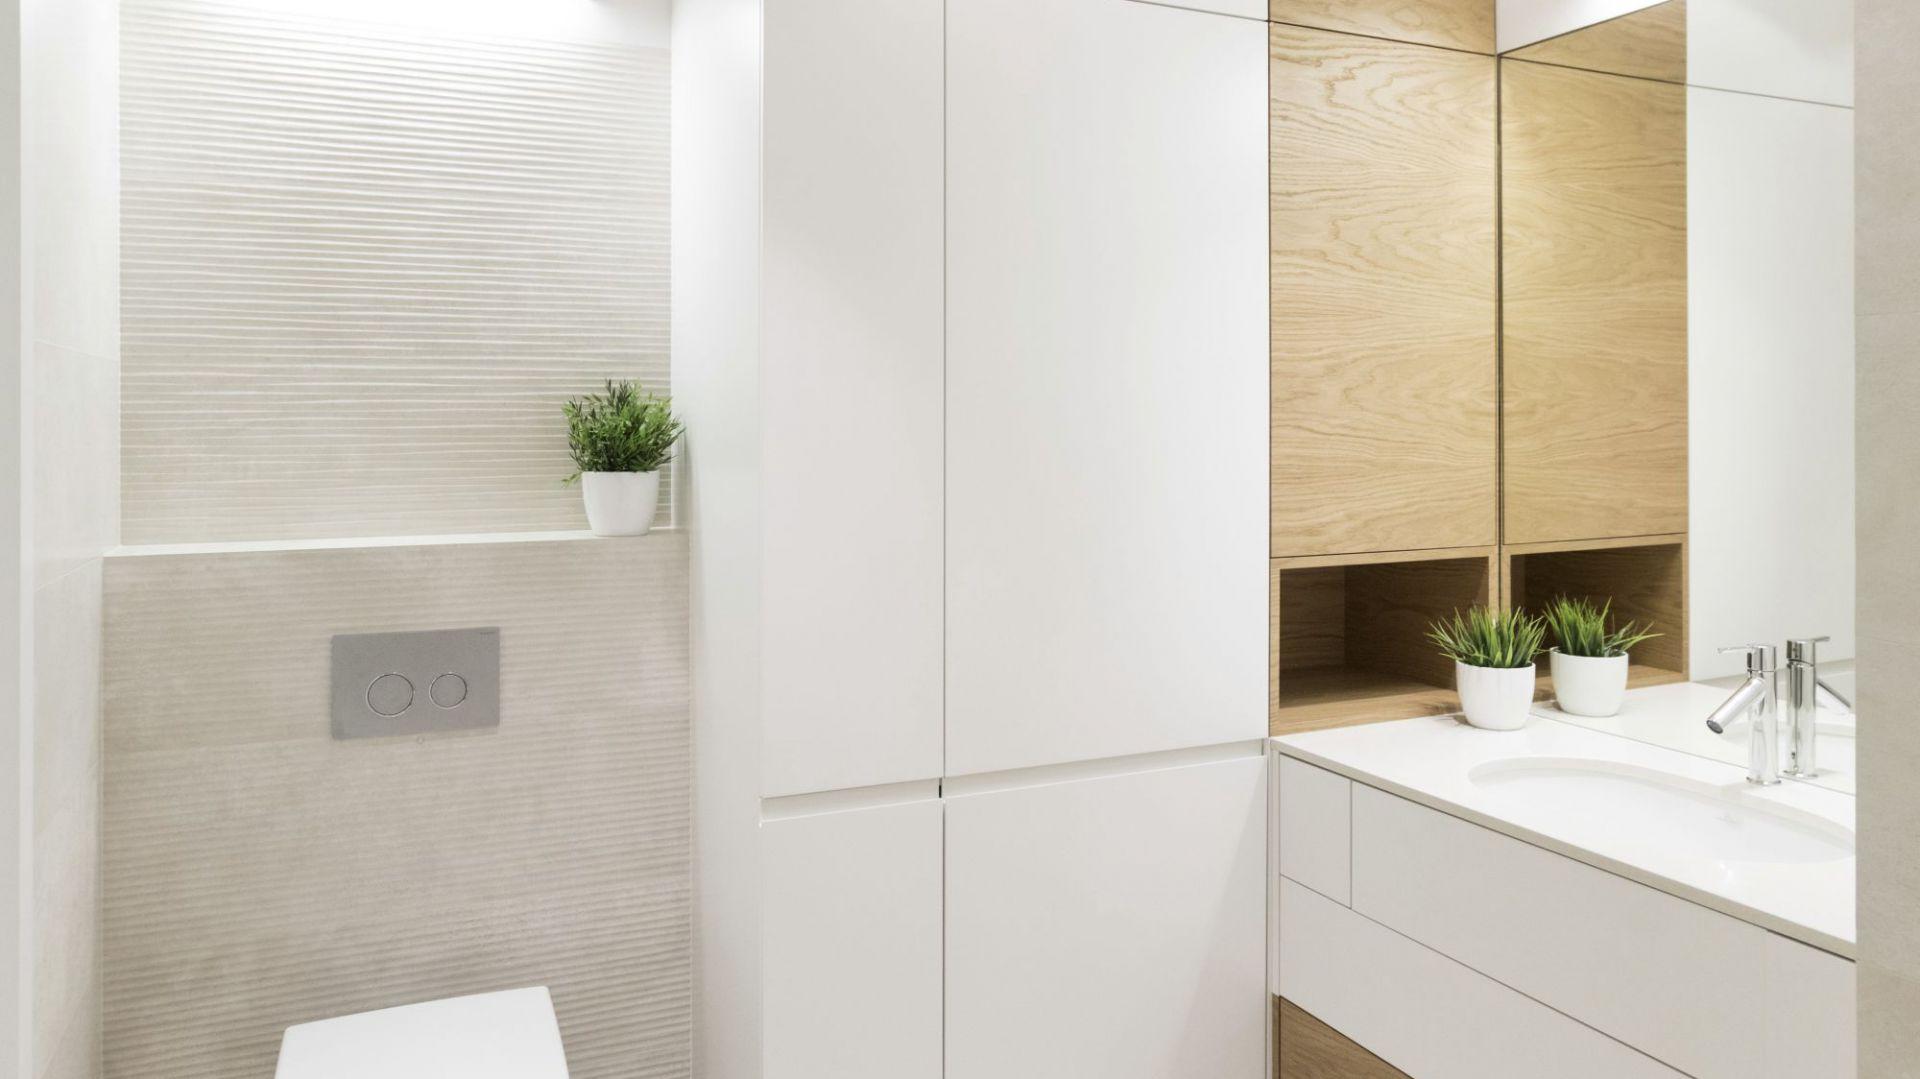 W białej szafie ukryto pralkę i kosz na bieliznę. Projekt i zdjęcia: Małgorzata Górska-Niwińska/Pracownia Architektoniczna MGN